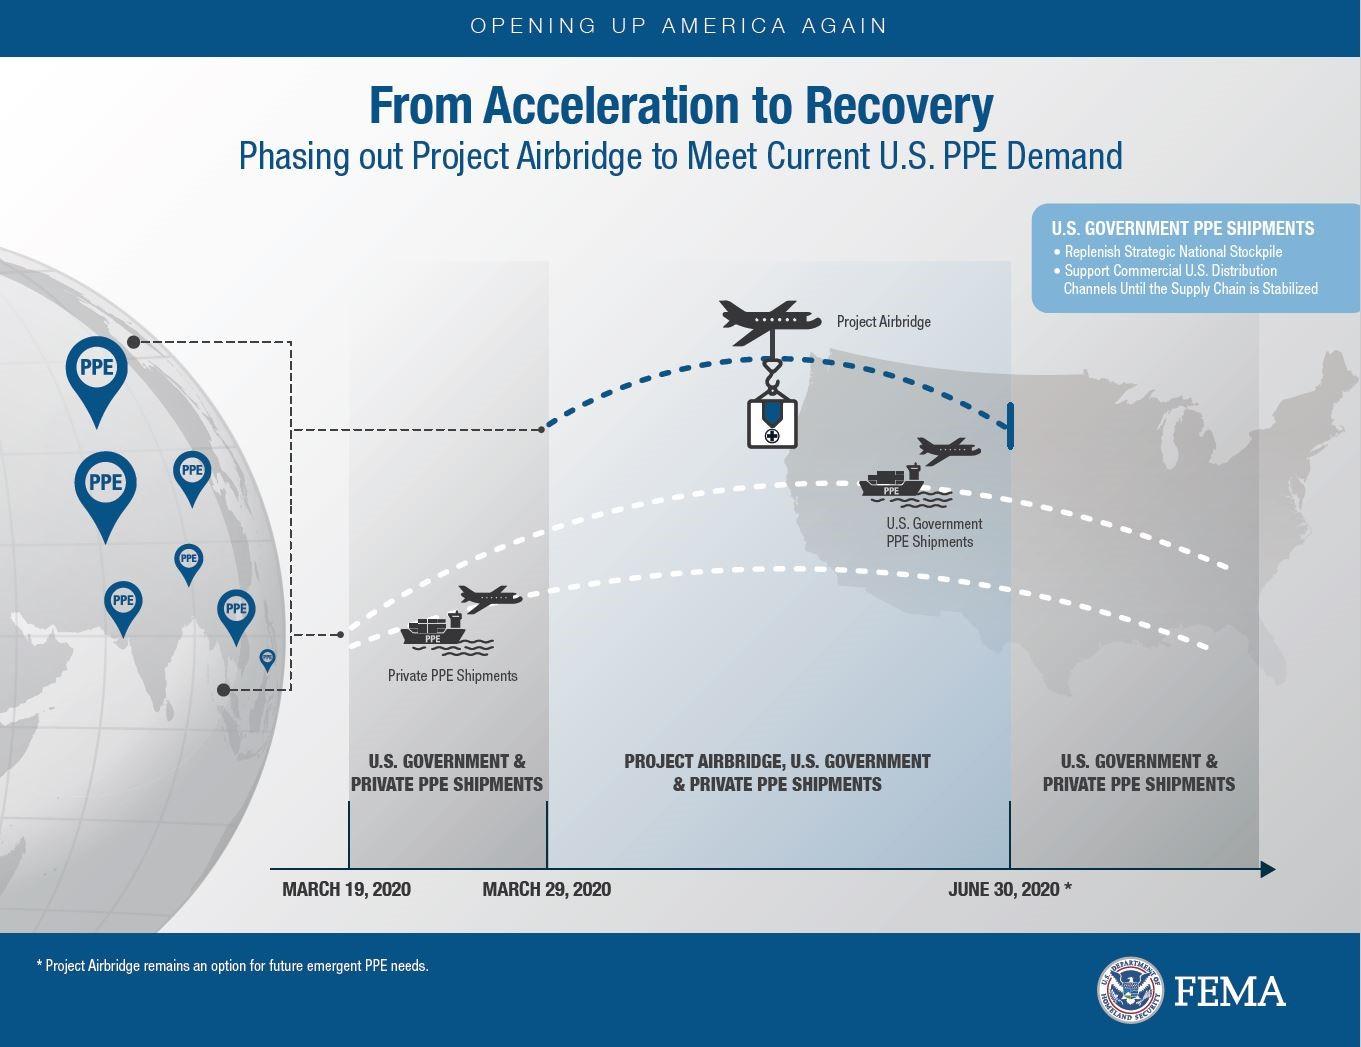 Cierre gradual del Puente Aéreo de FEMA